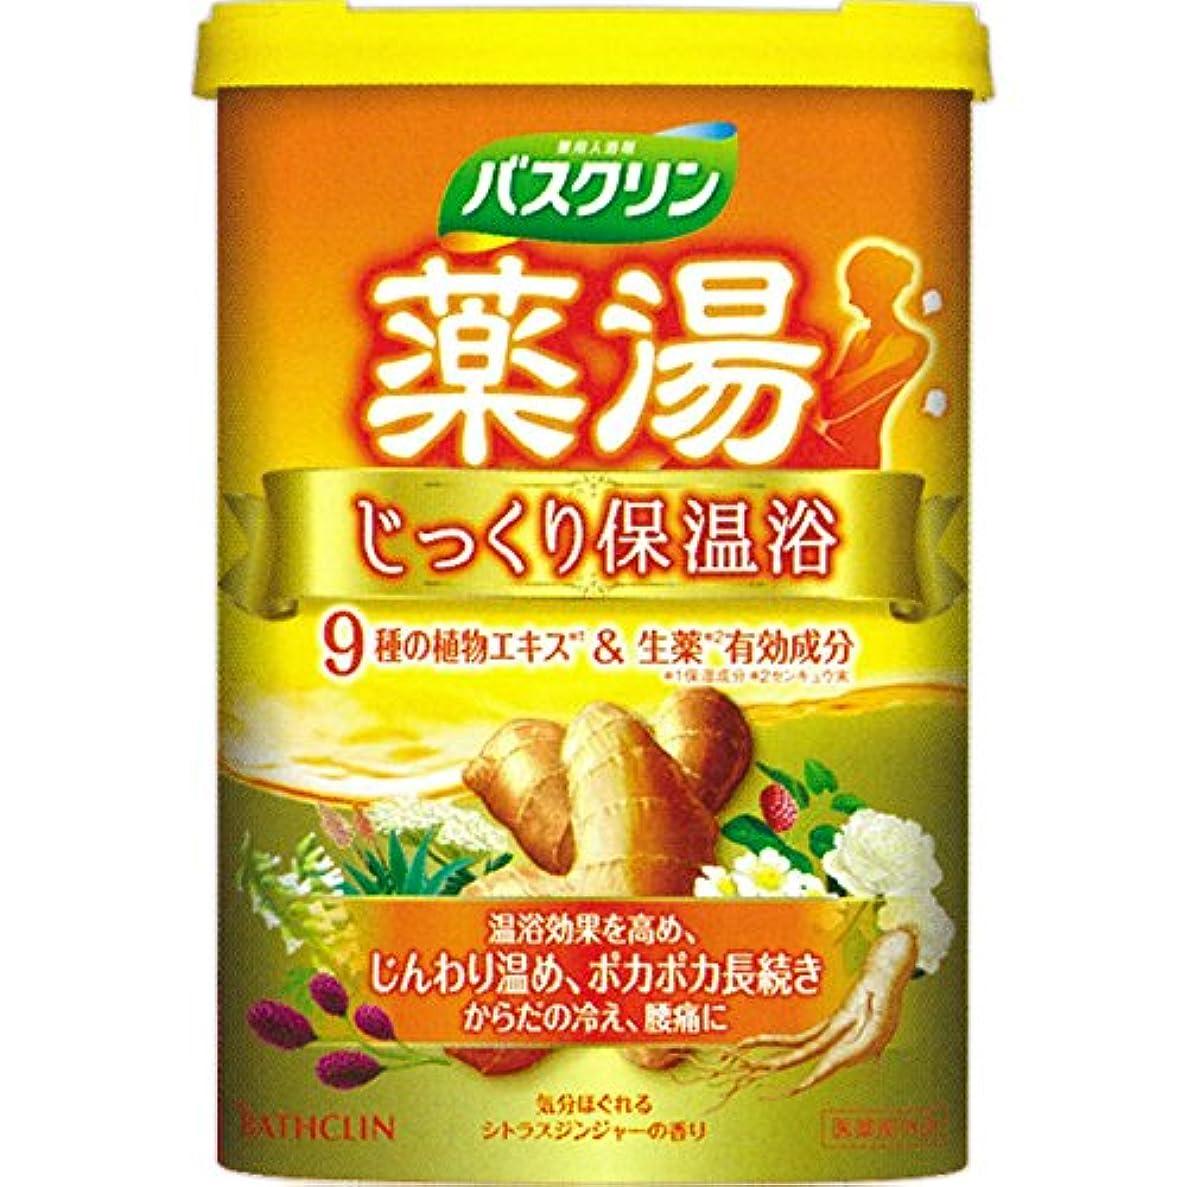 不正オリエンテーションダーツ薬湯バスクリン じっくり保温浴 フローラルジンジャーの香り 600g(入浴剤)